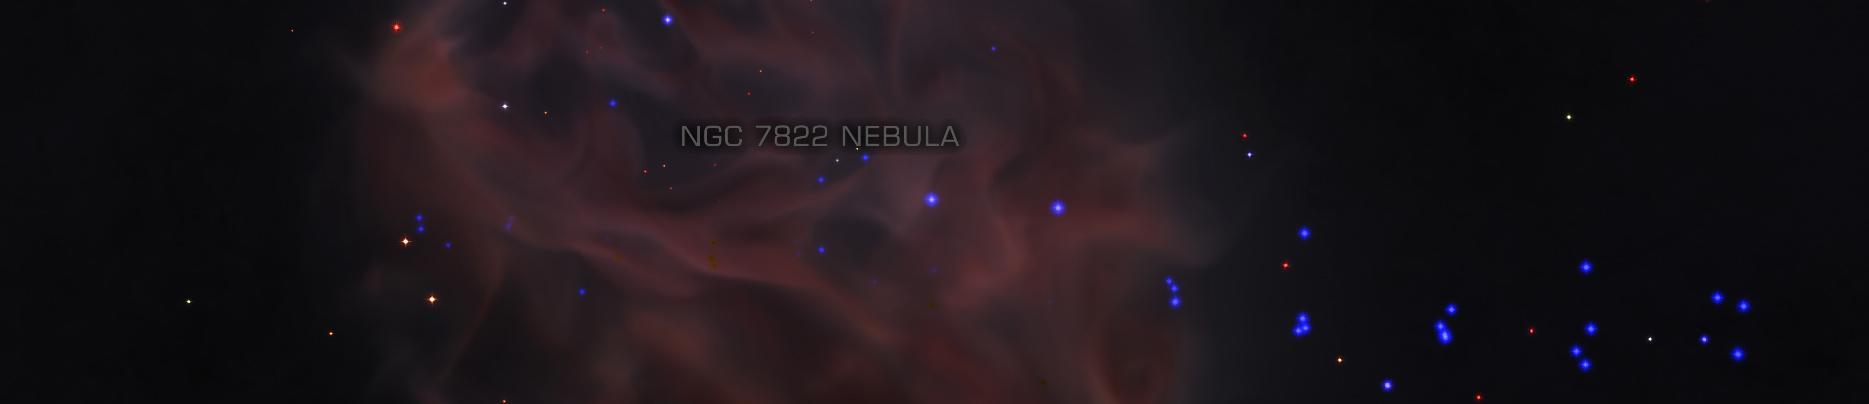 NGC 7822 Nebula - S171s